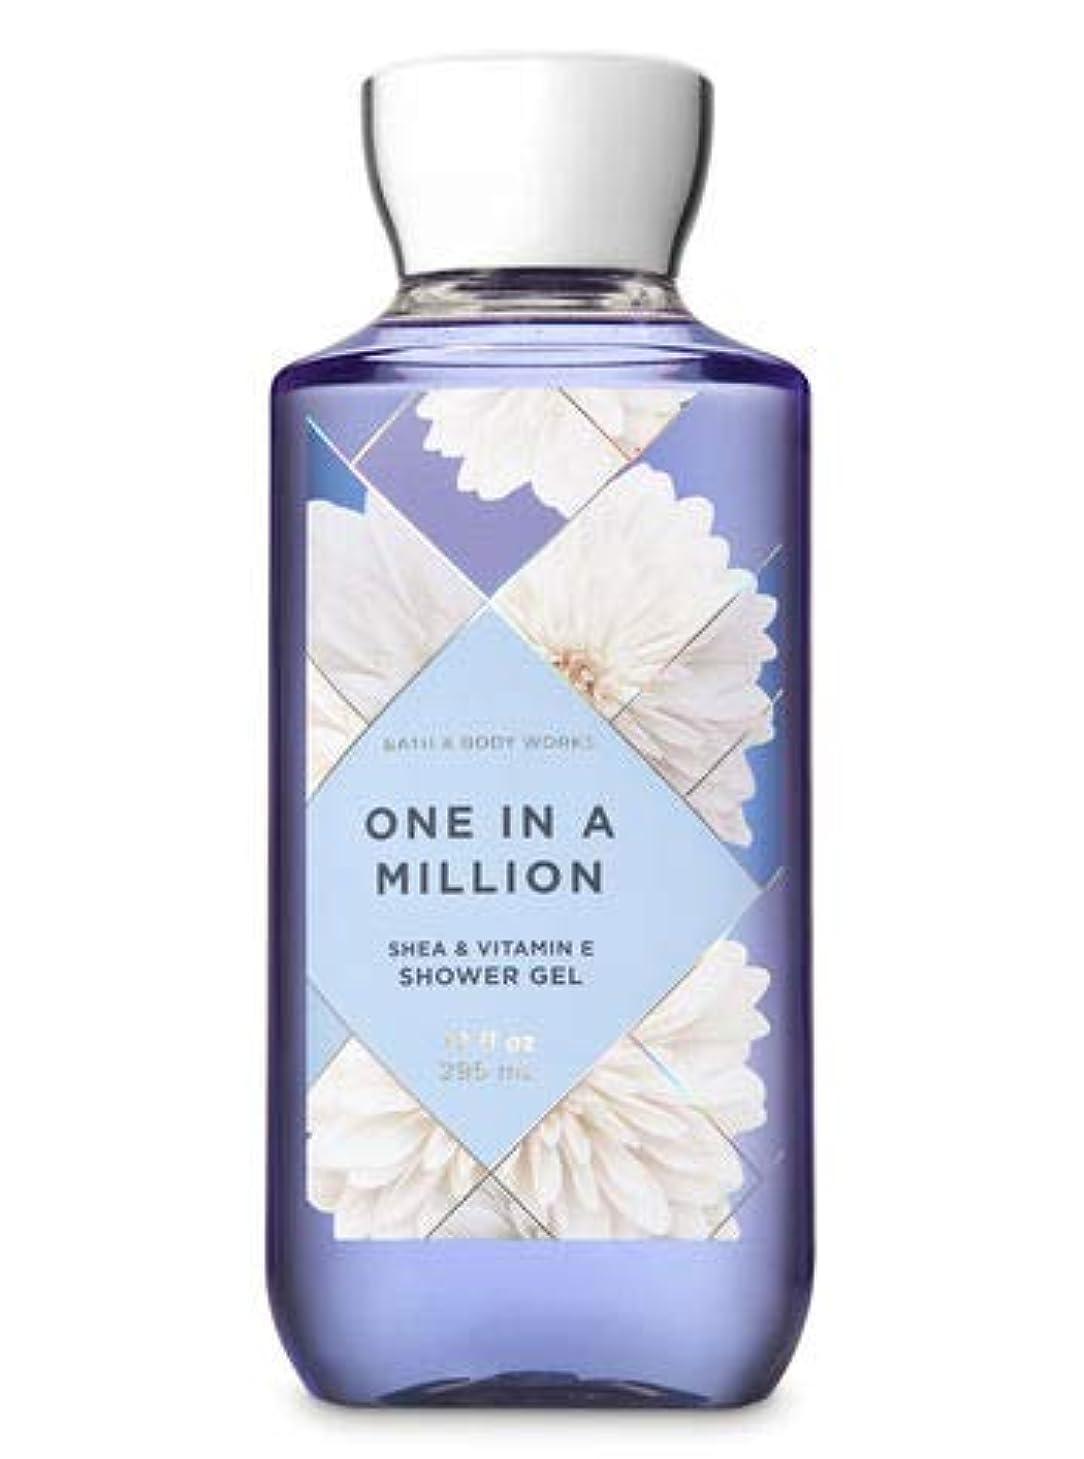 靴レガシーミケランジェロ【Bath&Body Works/バス&ボディワークス】 シャワージェル ワンインアミリオン Shower Gel One in a Million 10 fl oz / 295 mL [並行輸入品]